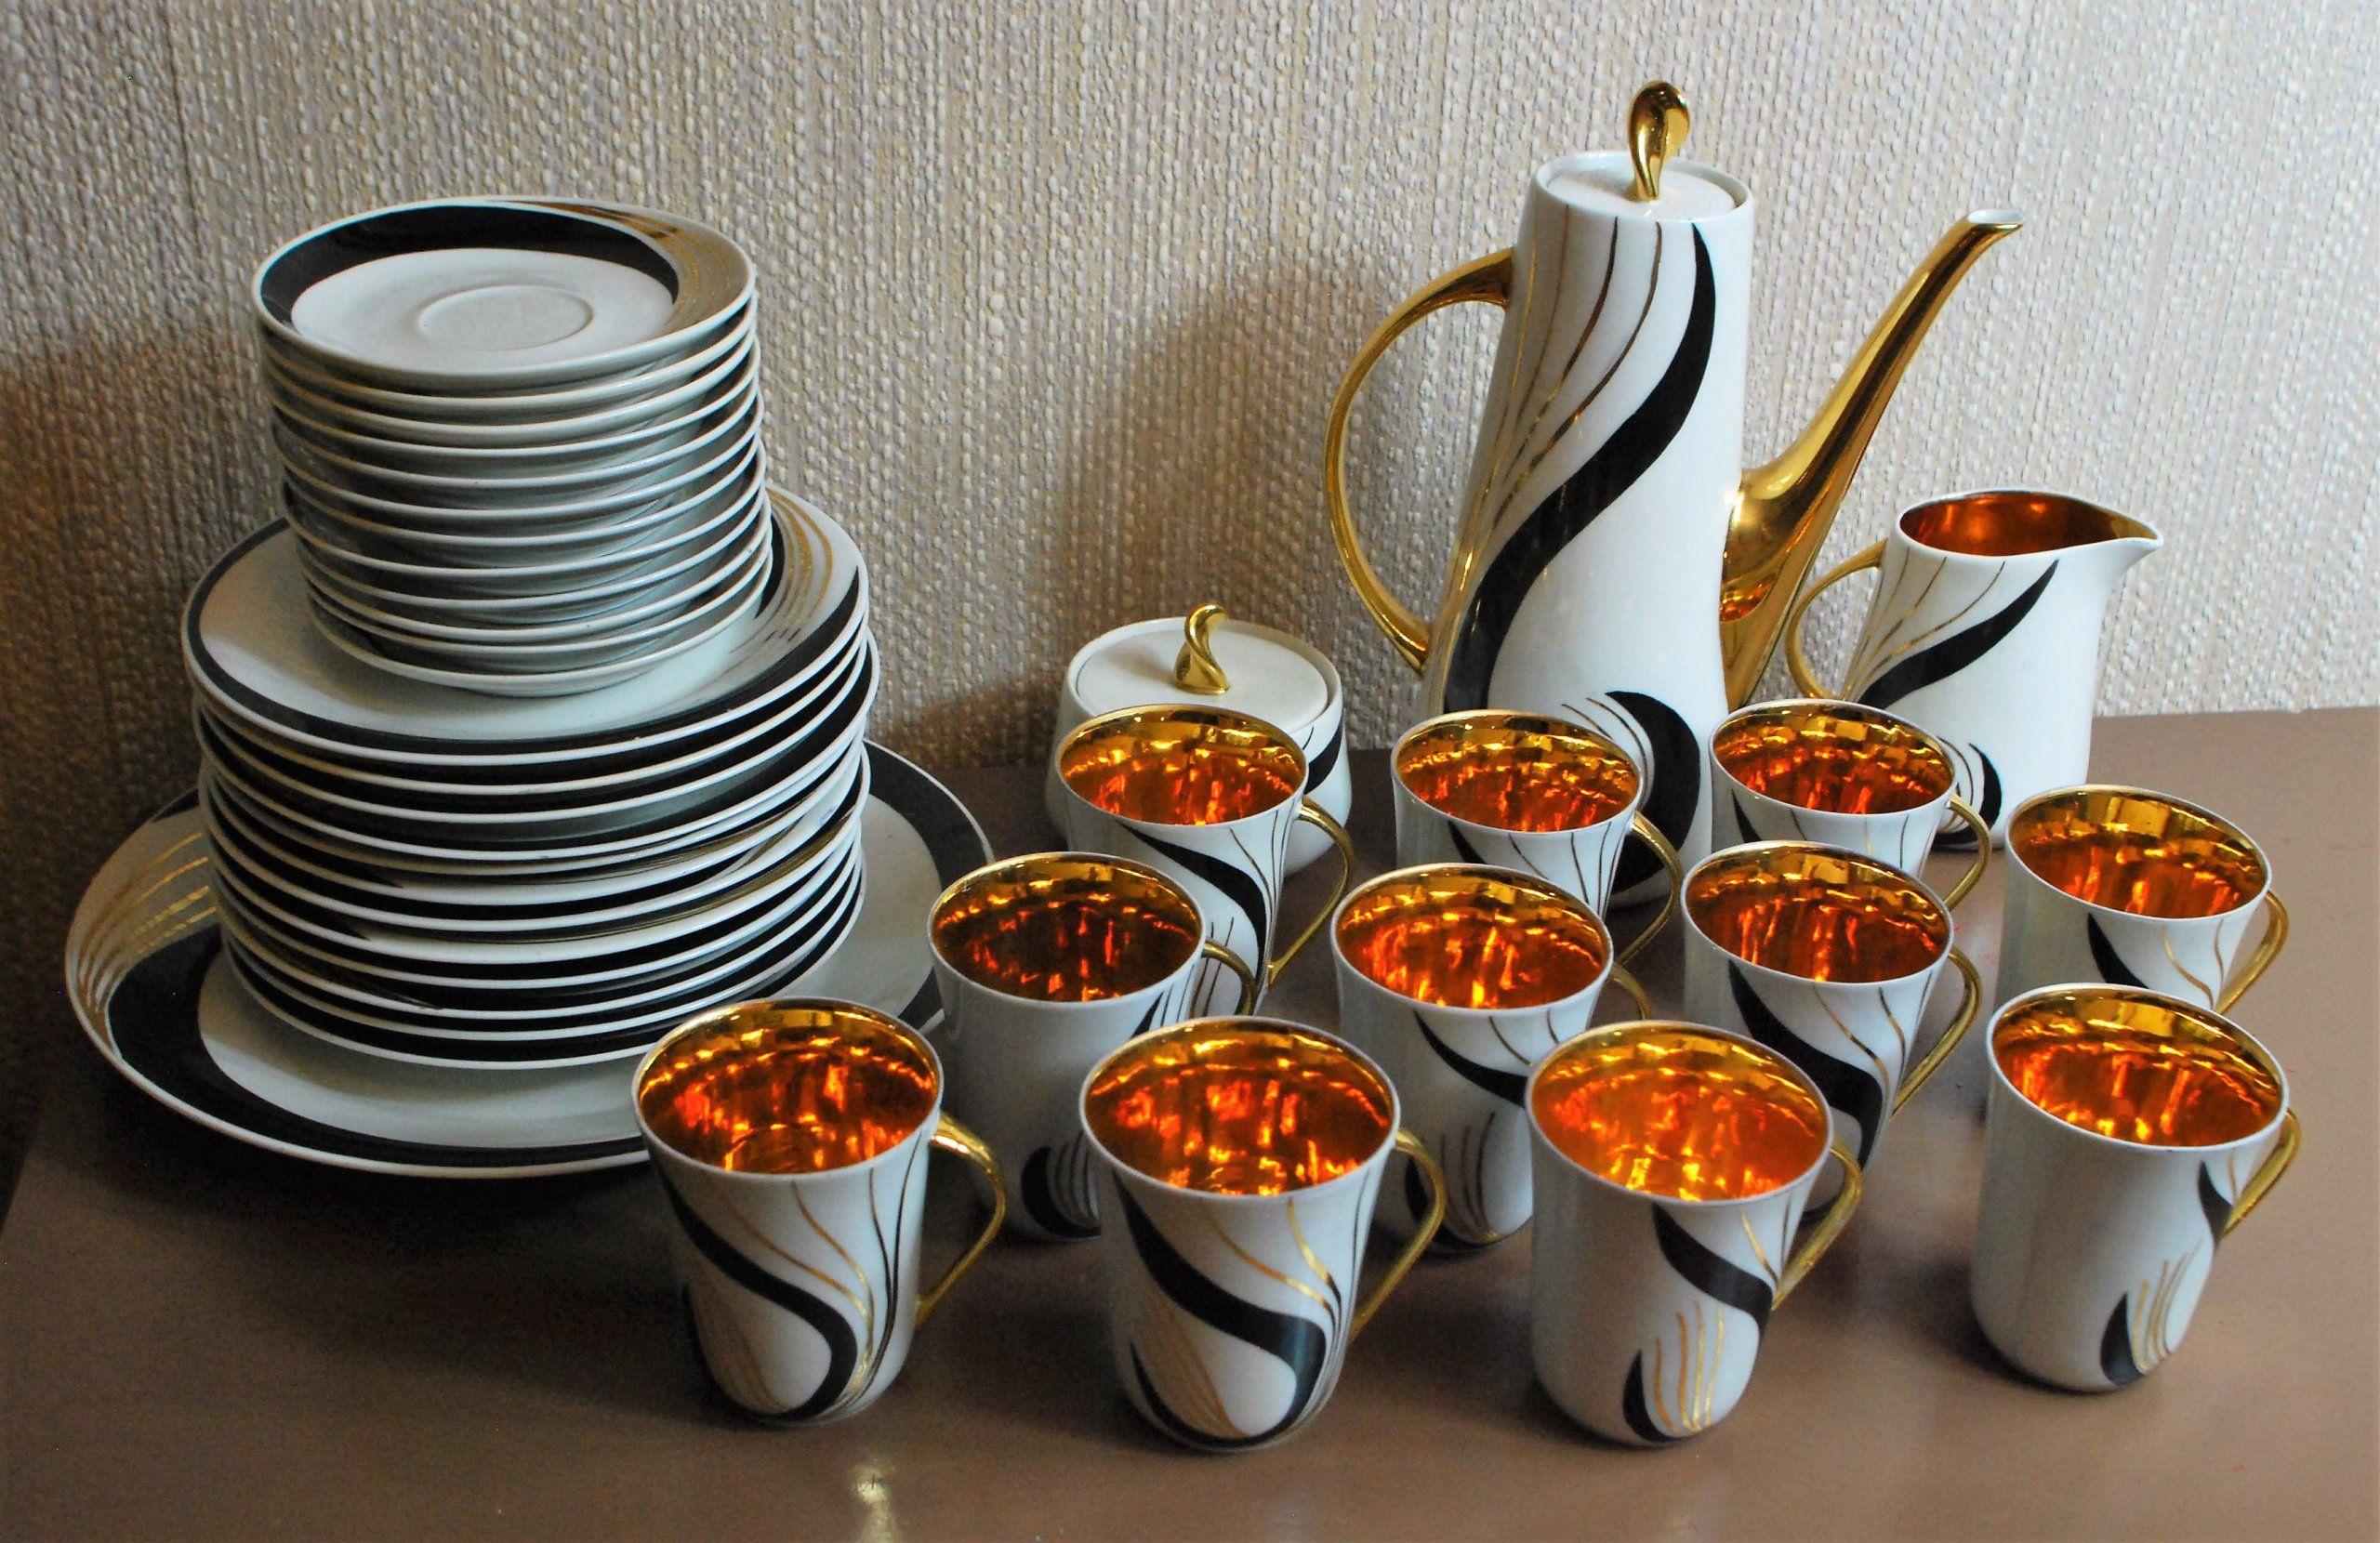 Cmielow Chodziez Prometeusz Hanna Modrzewska 7226000110 Oficjalne Archiwum Allegro Coffee Set Porcelain Figurines Tea Pots